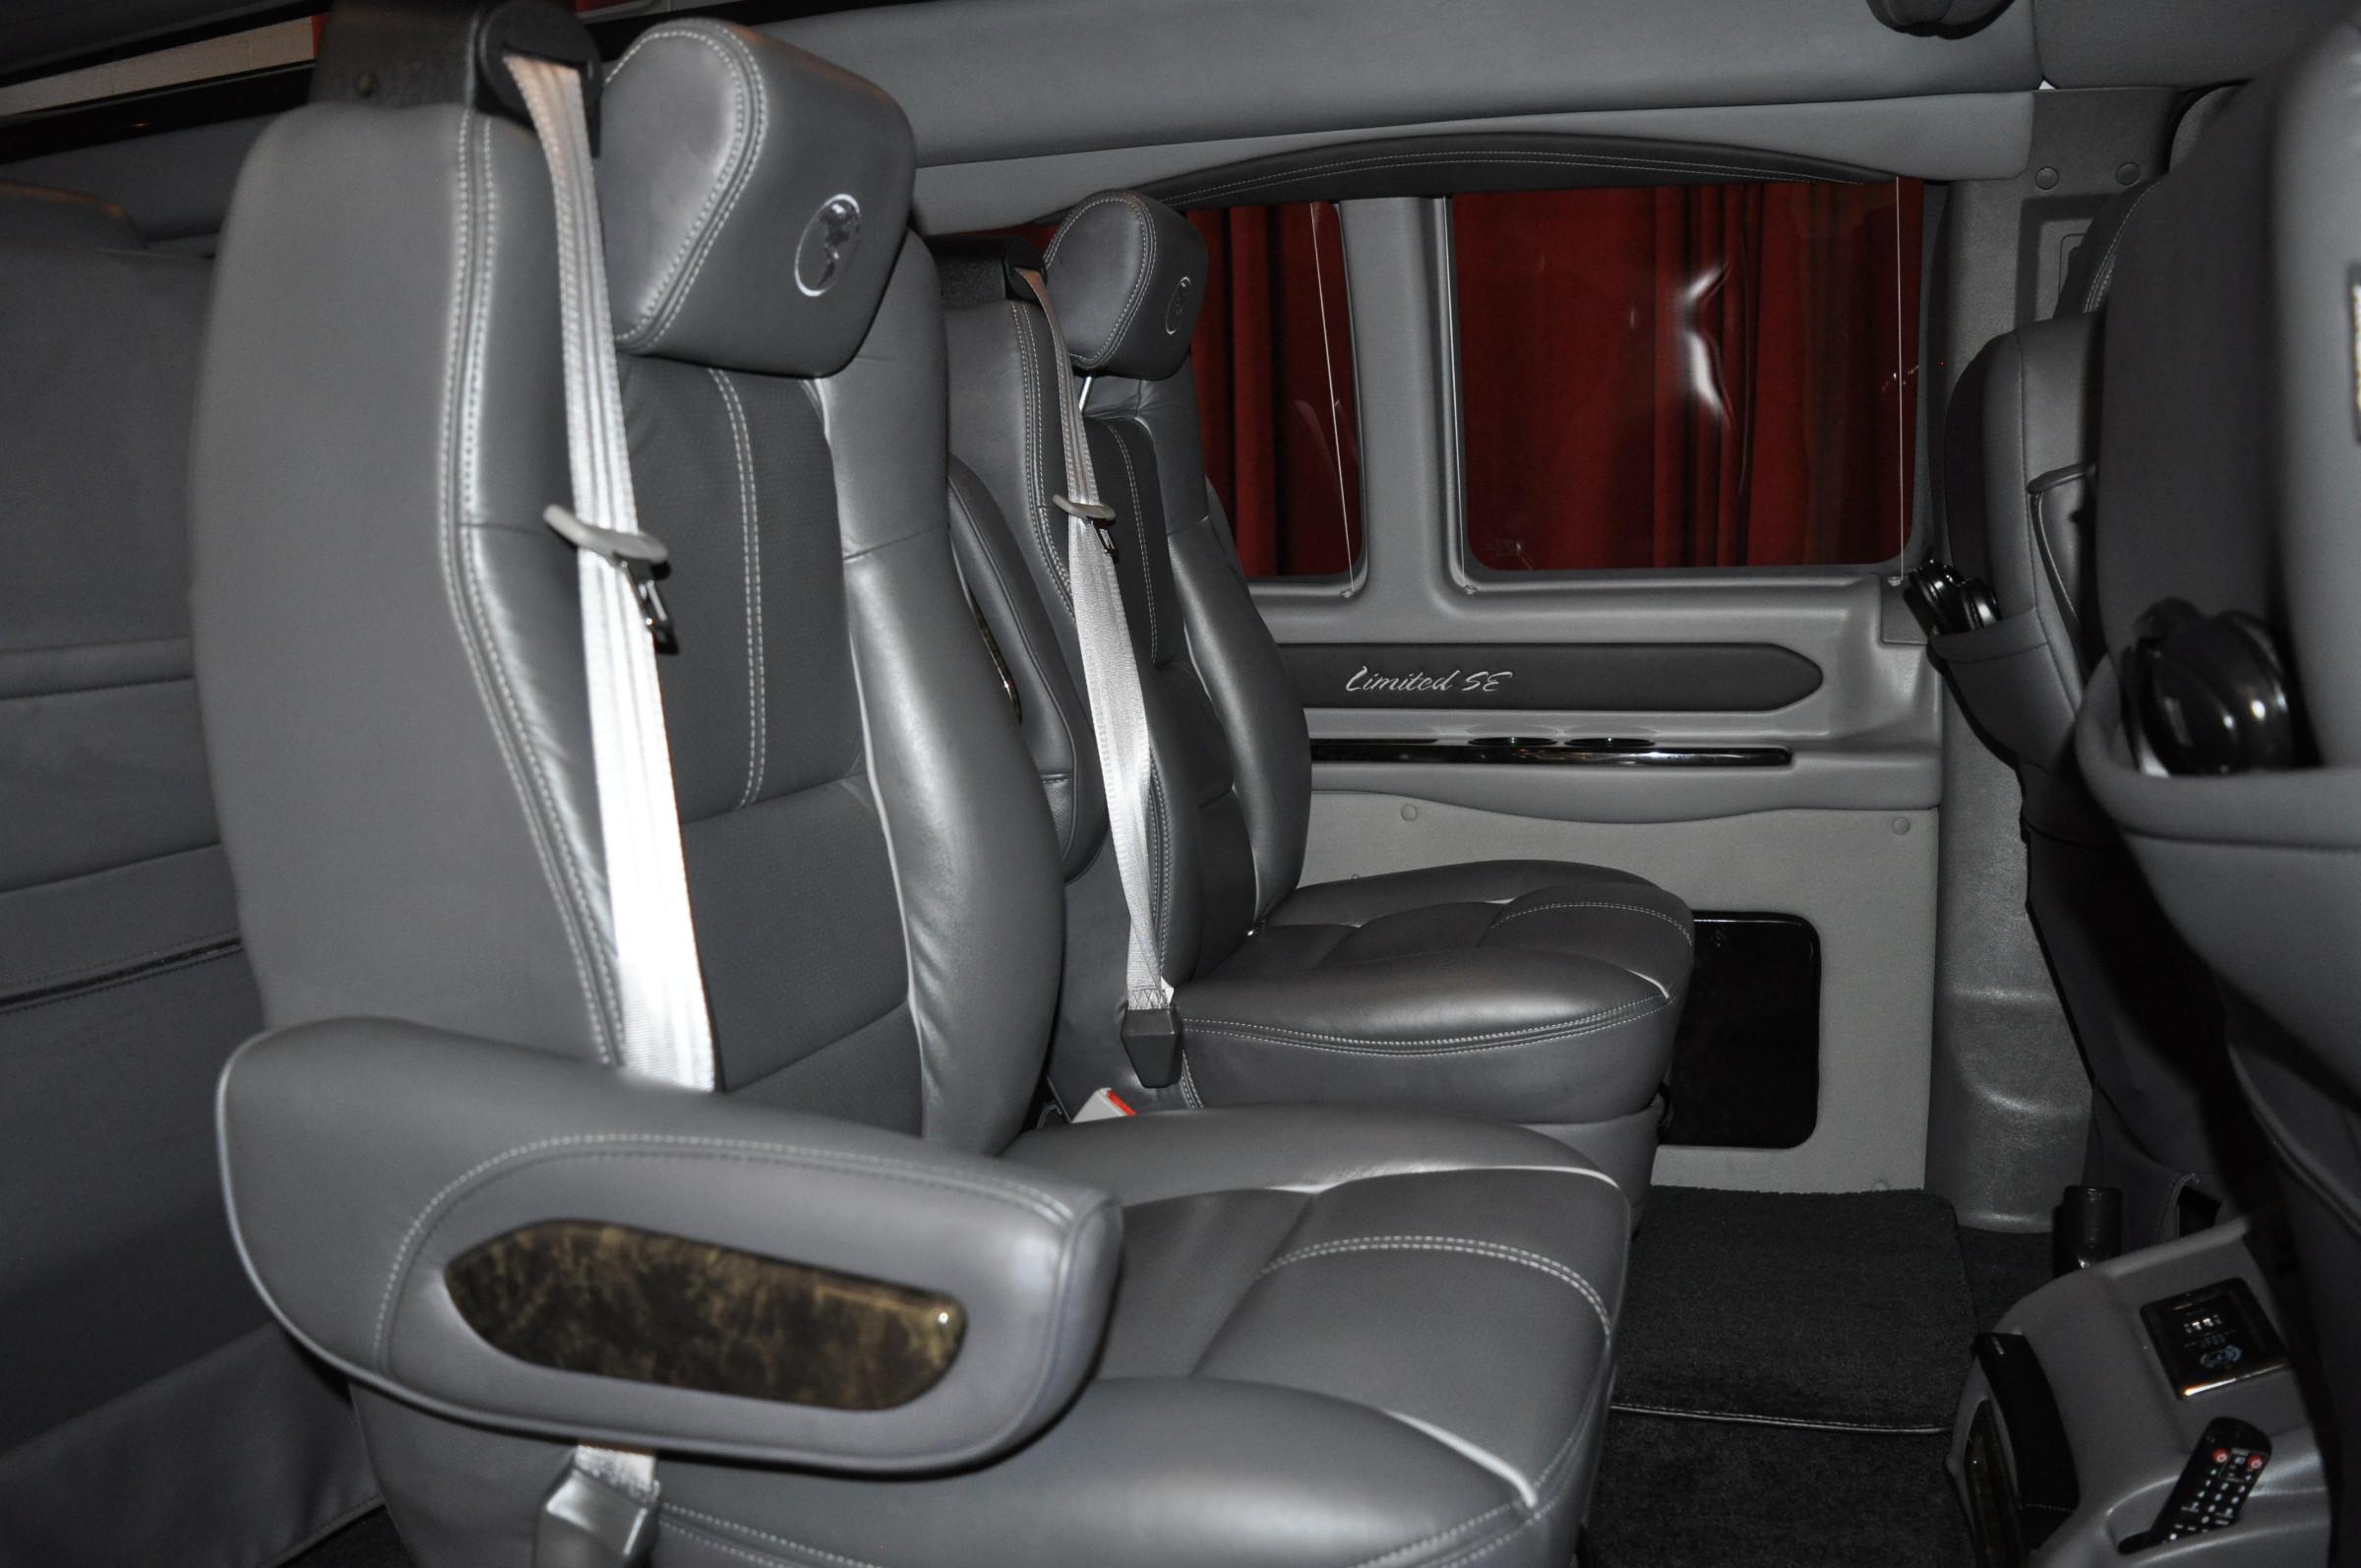 2nd row seats